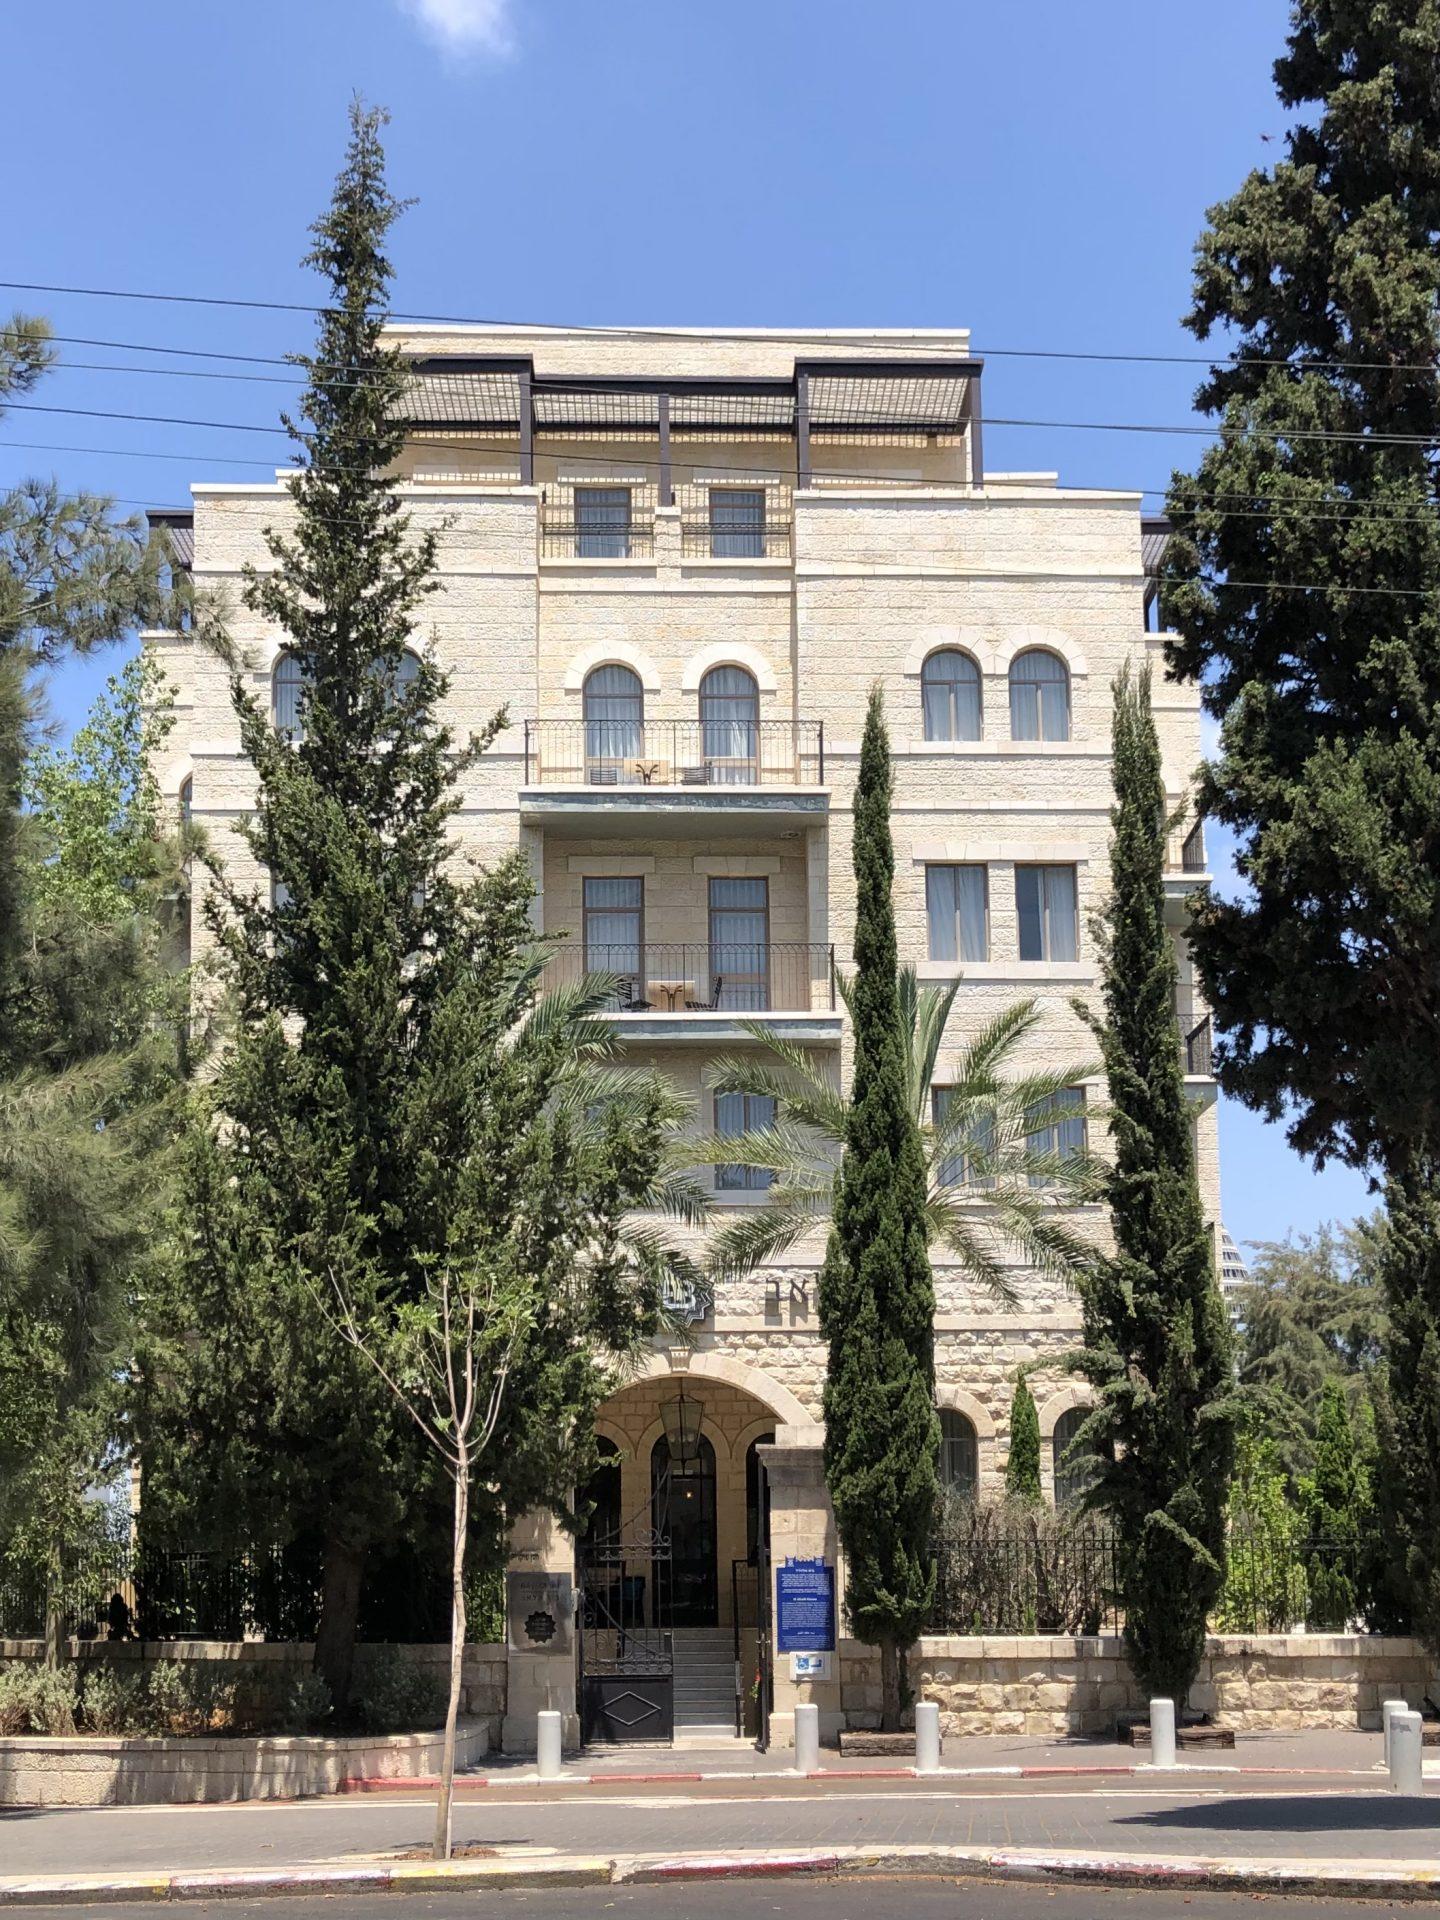 מלון ביי קלאב מלונות אטלס חיפה צילום שירי ויצנר 2